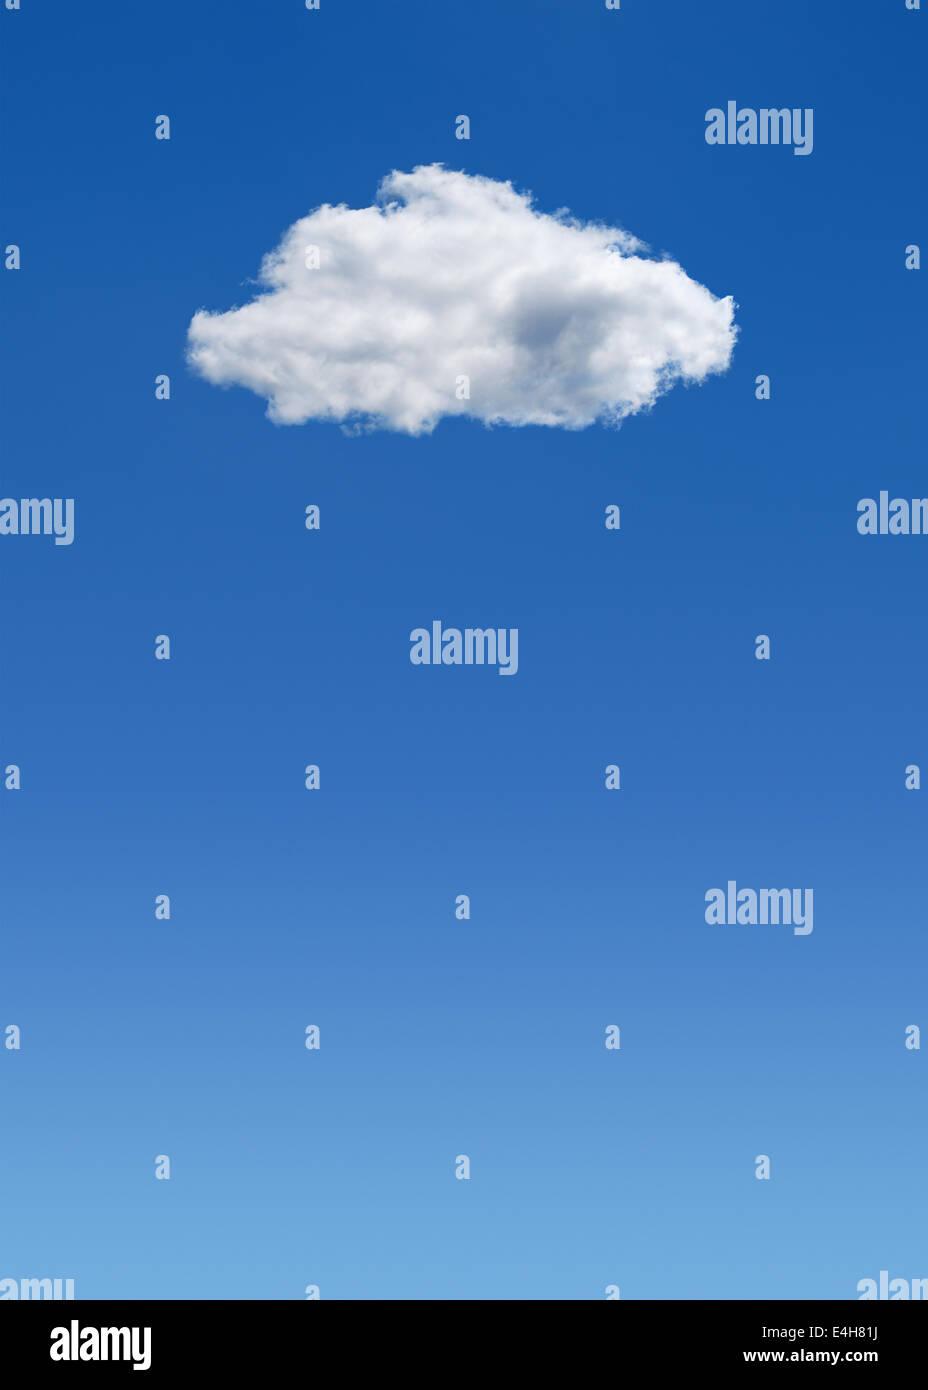 Nuage dans un ciel bleu. Photo Stock